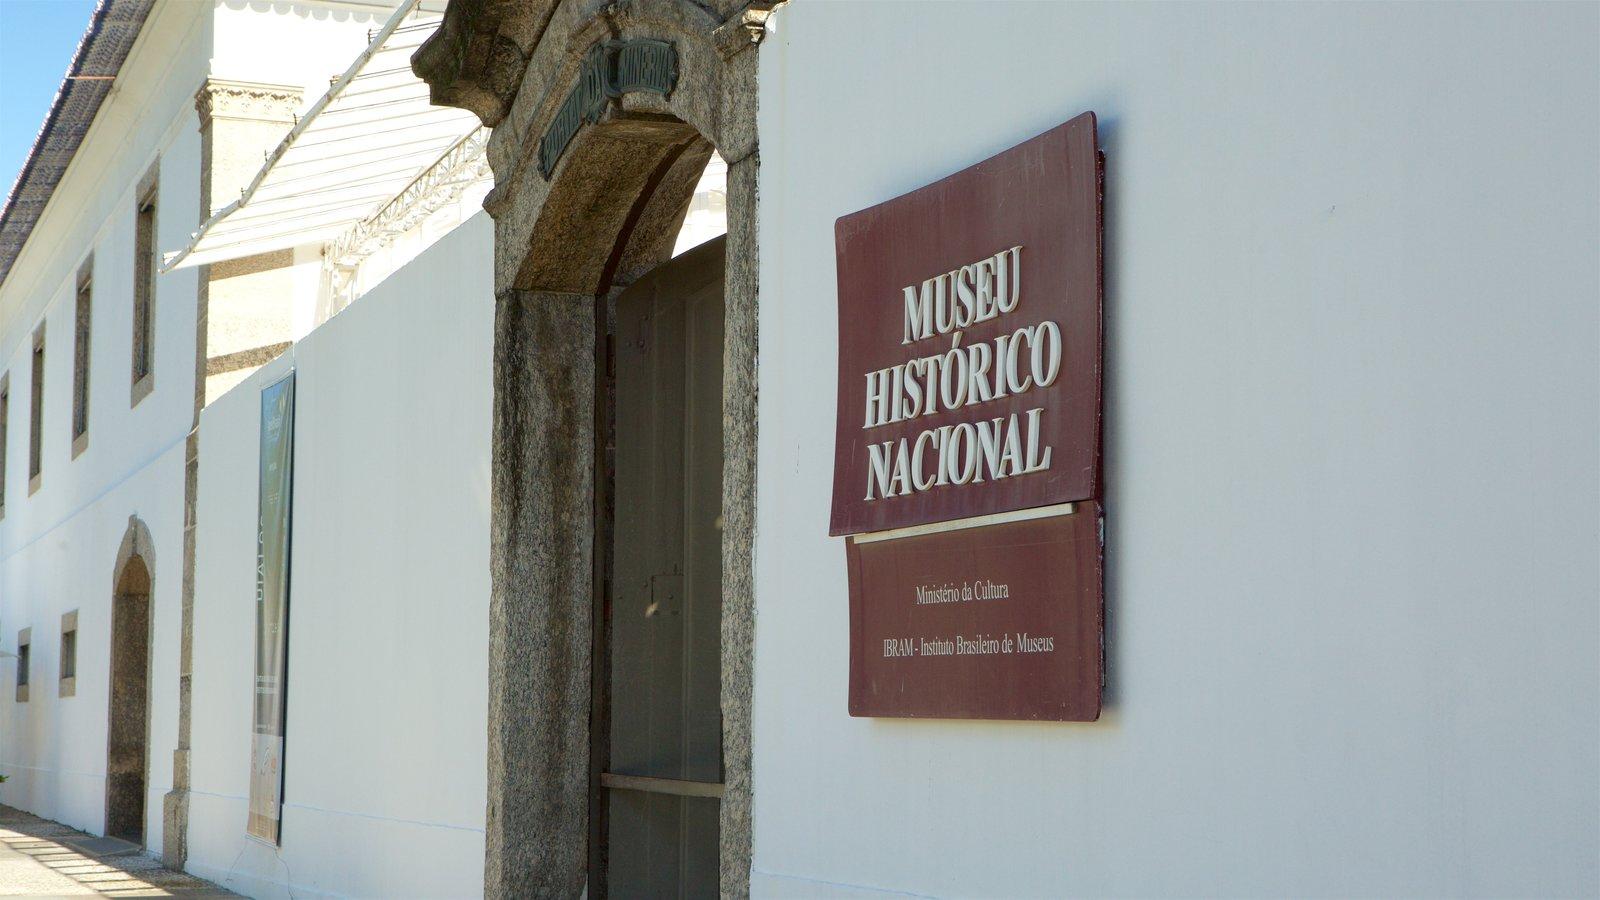 Museu Histórico Nacional caracterizando sinalização